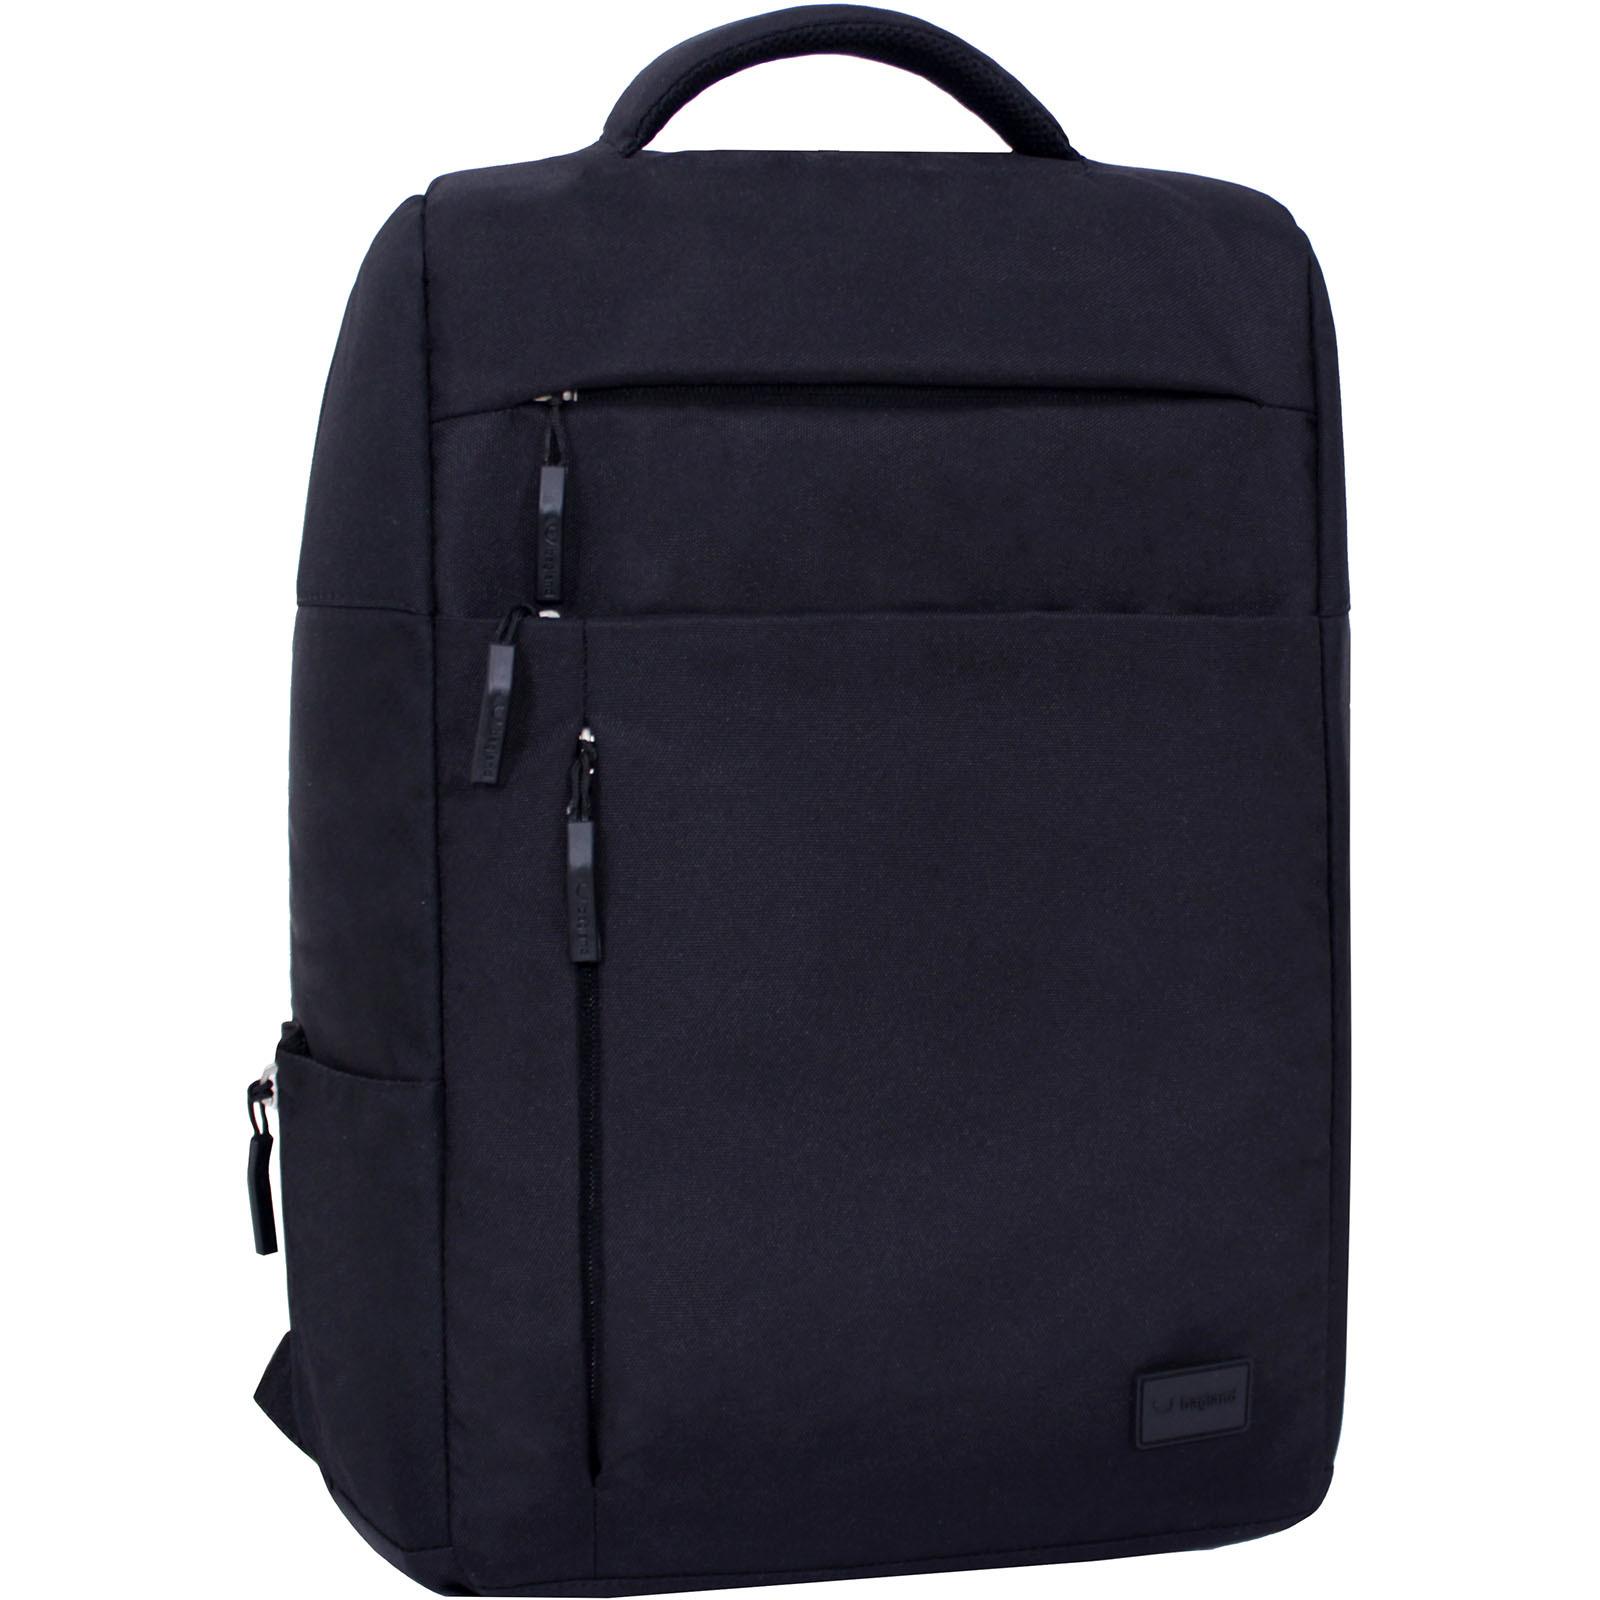 Мужские рюкзаки Рюкзак Bagland Волнорез 20 л. черный (0013866) IMG_2884.JPG